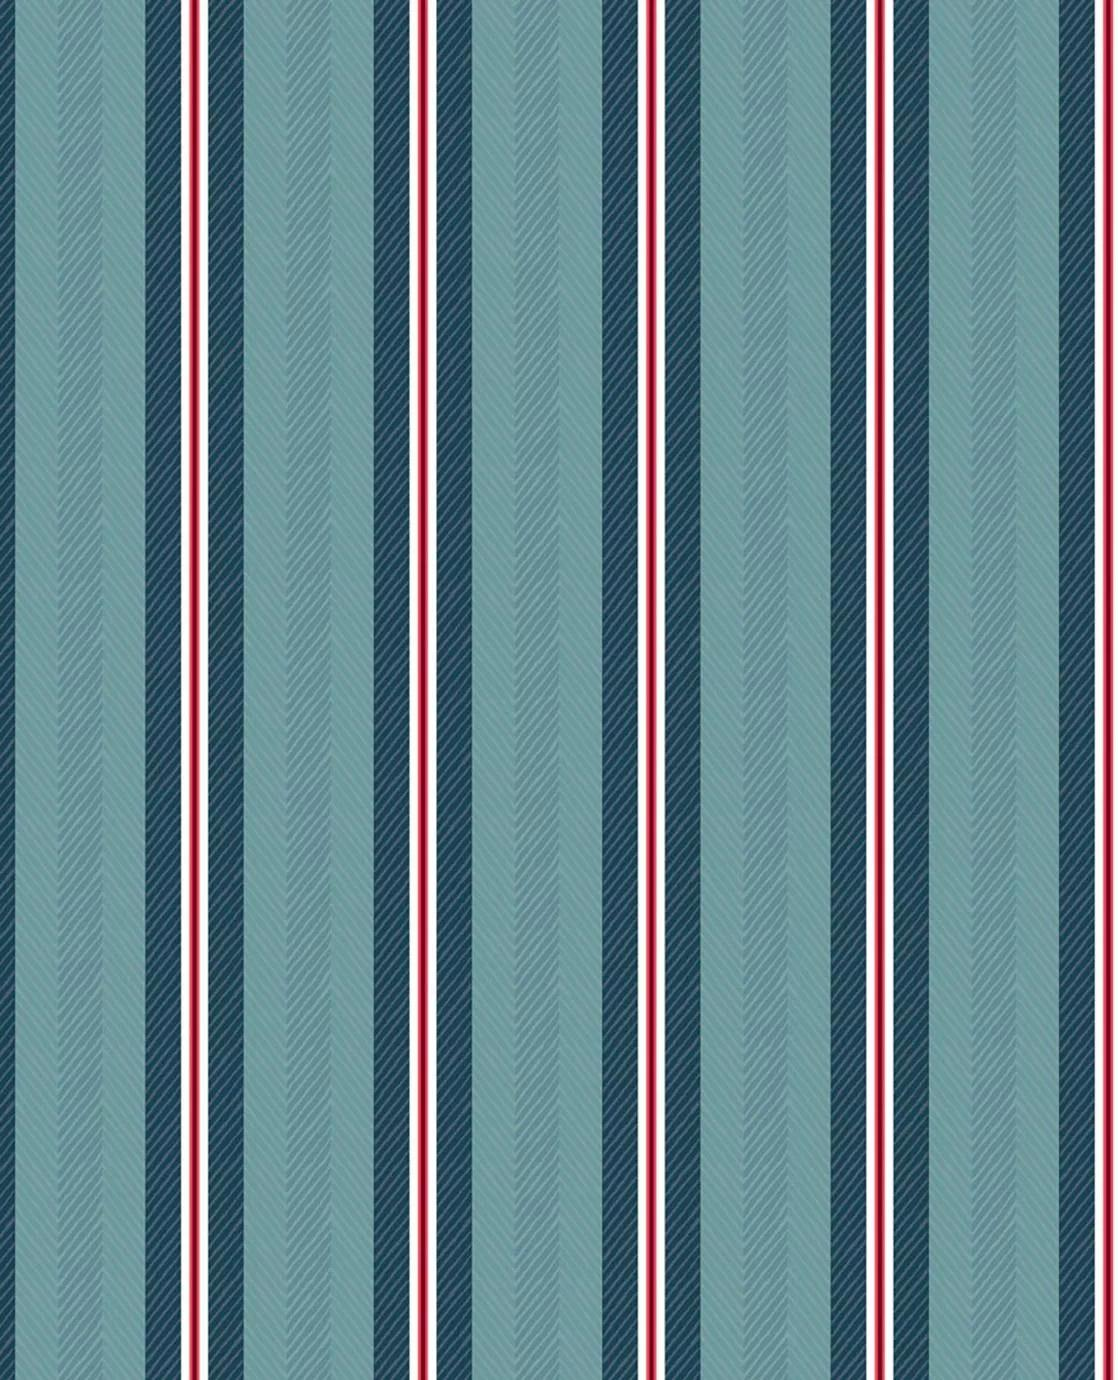 Kék csíkos mintás Eijffinger tapéta